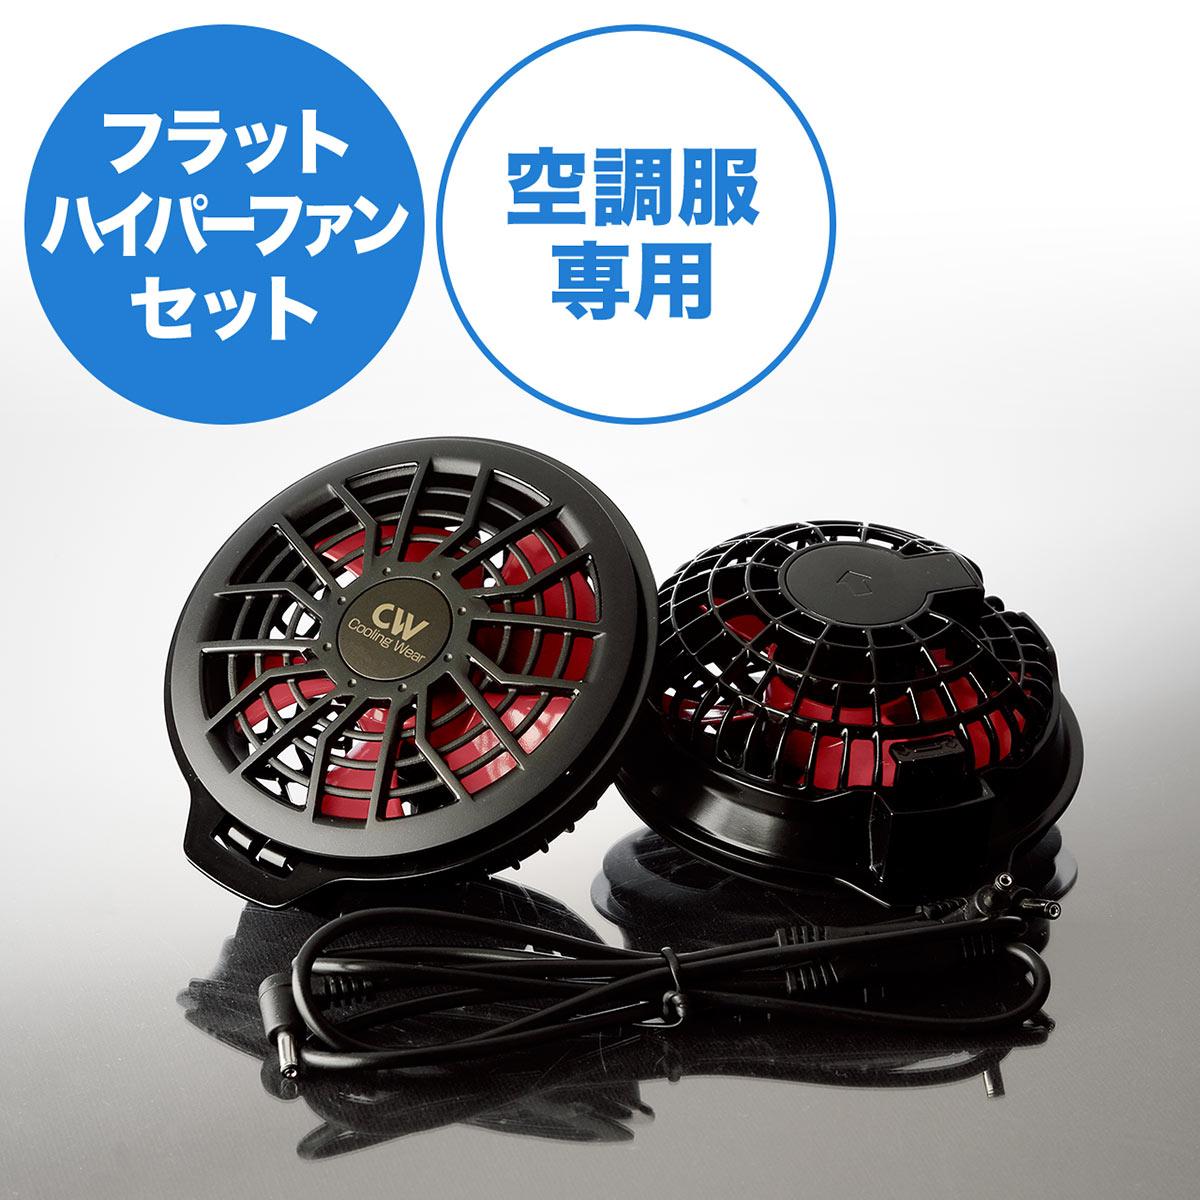 空調風神服専用フラットハイパーファンセット(2個セット) [RD9820H]【サンエス】【送料無料】